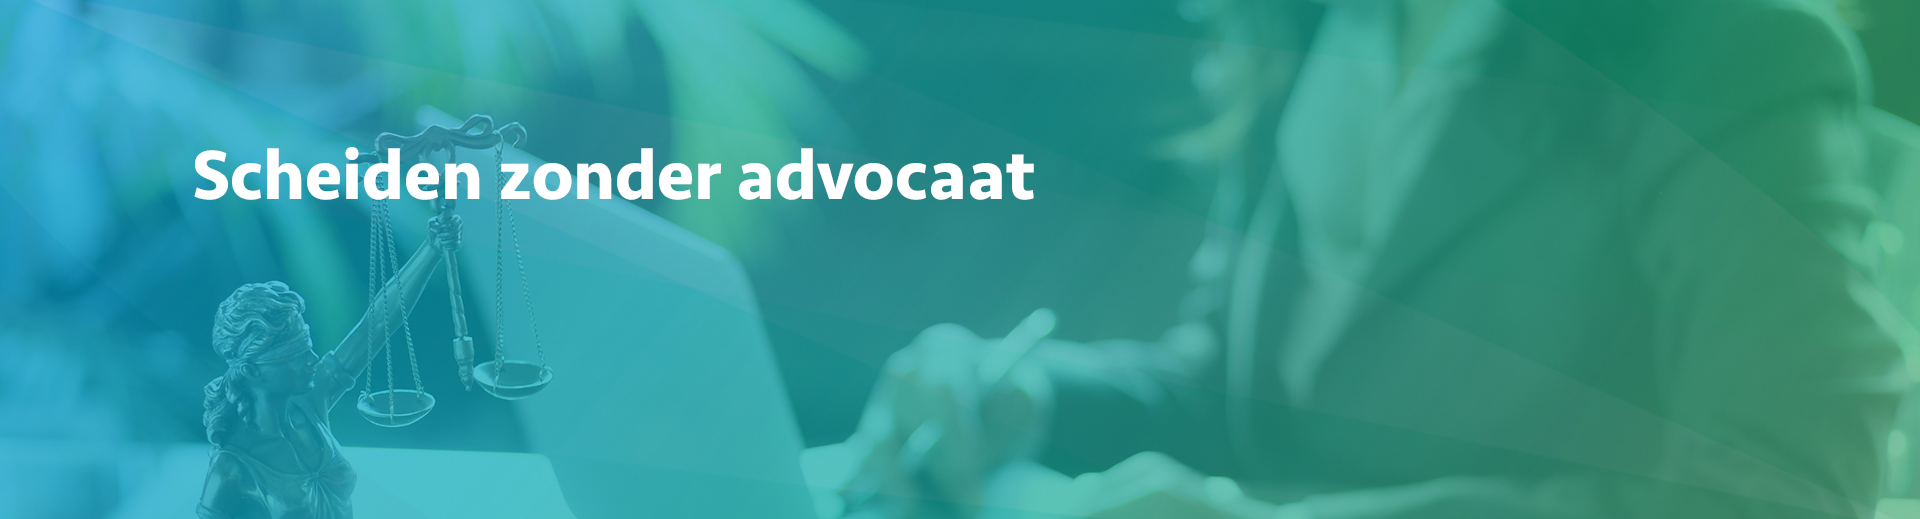 Scheiden zonder advocaat - Scheidingsplanner Midden-Nederland